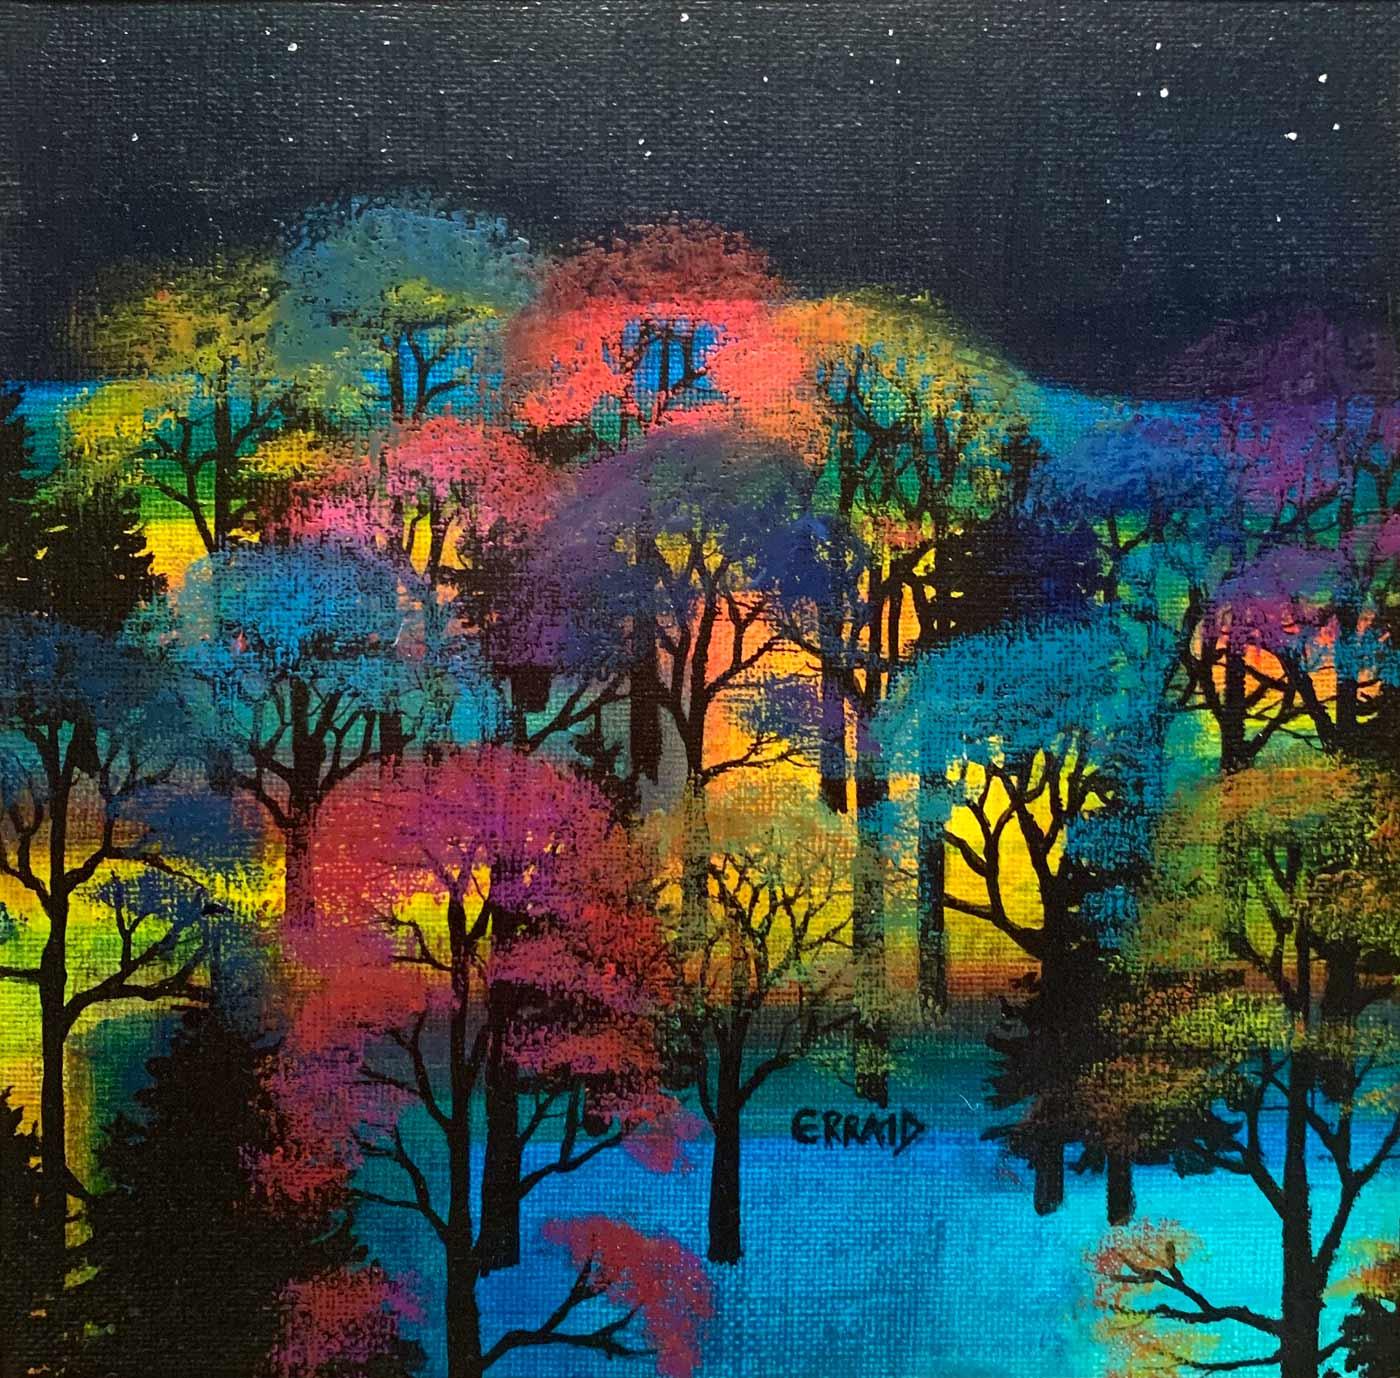 Erraid Gaskell - Joyfull Trees